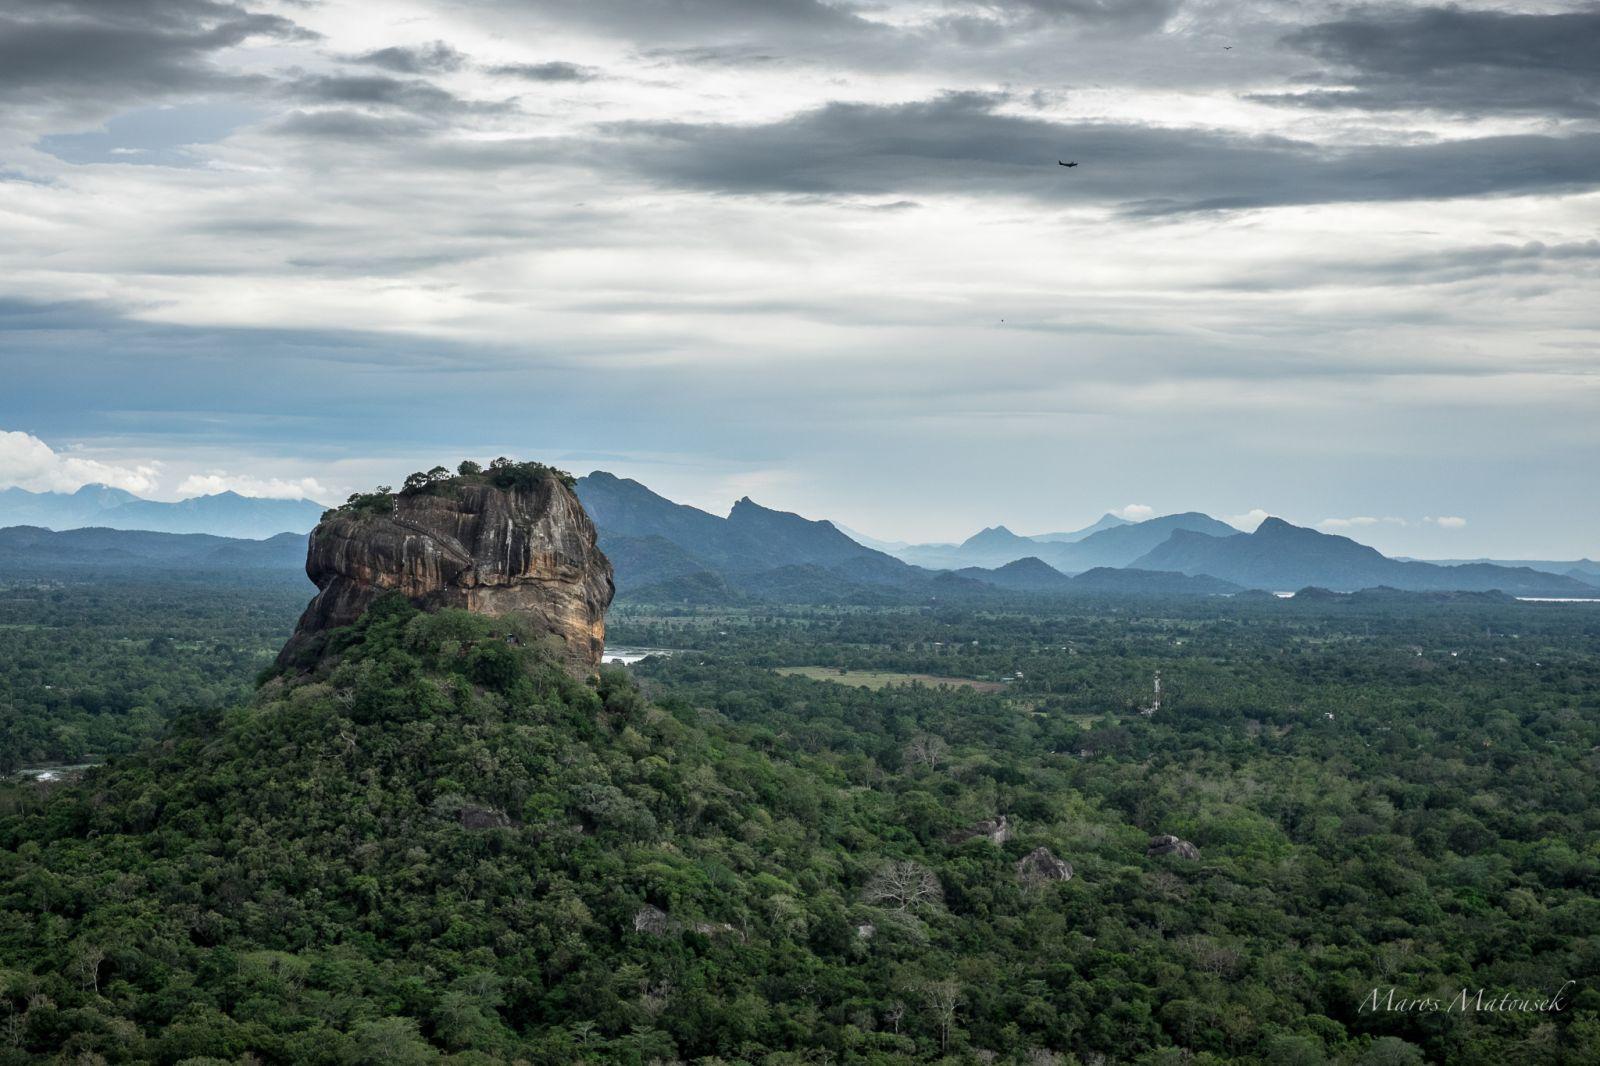 Sri Lanka_ Maroš Matoušek